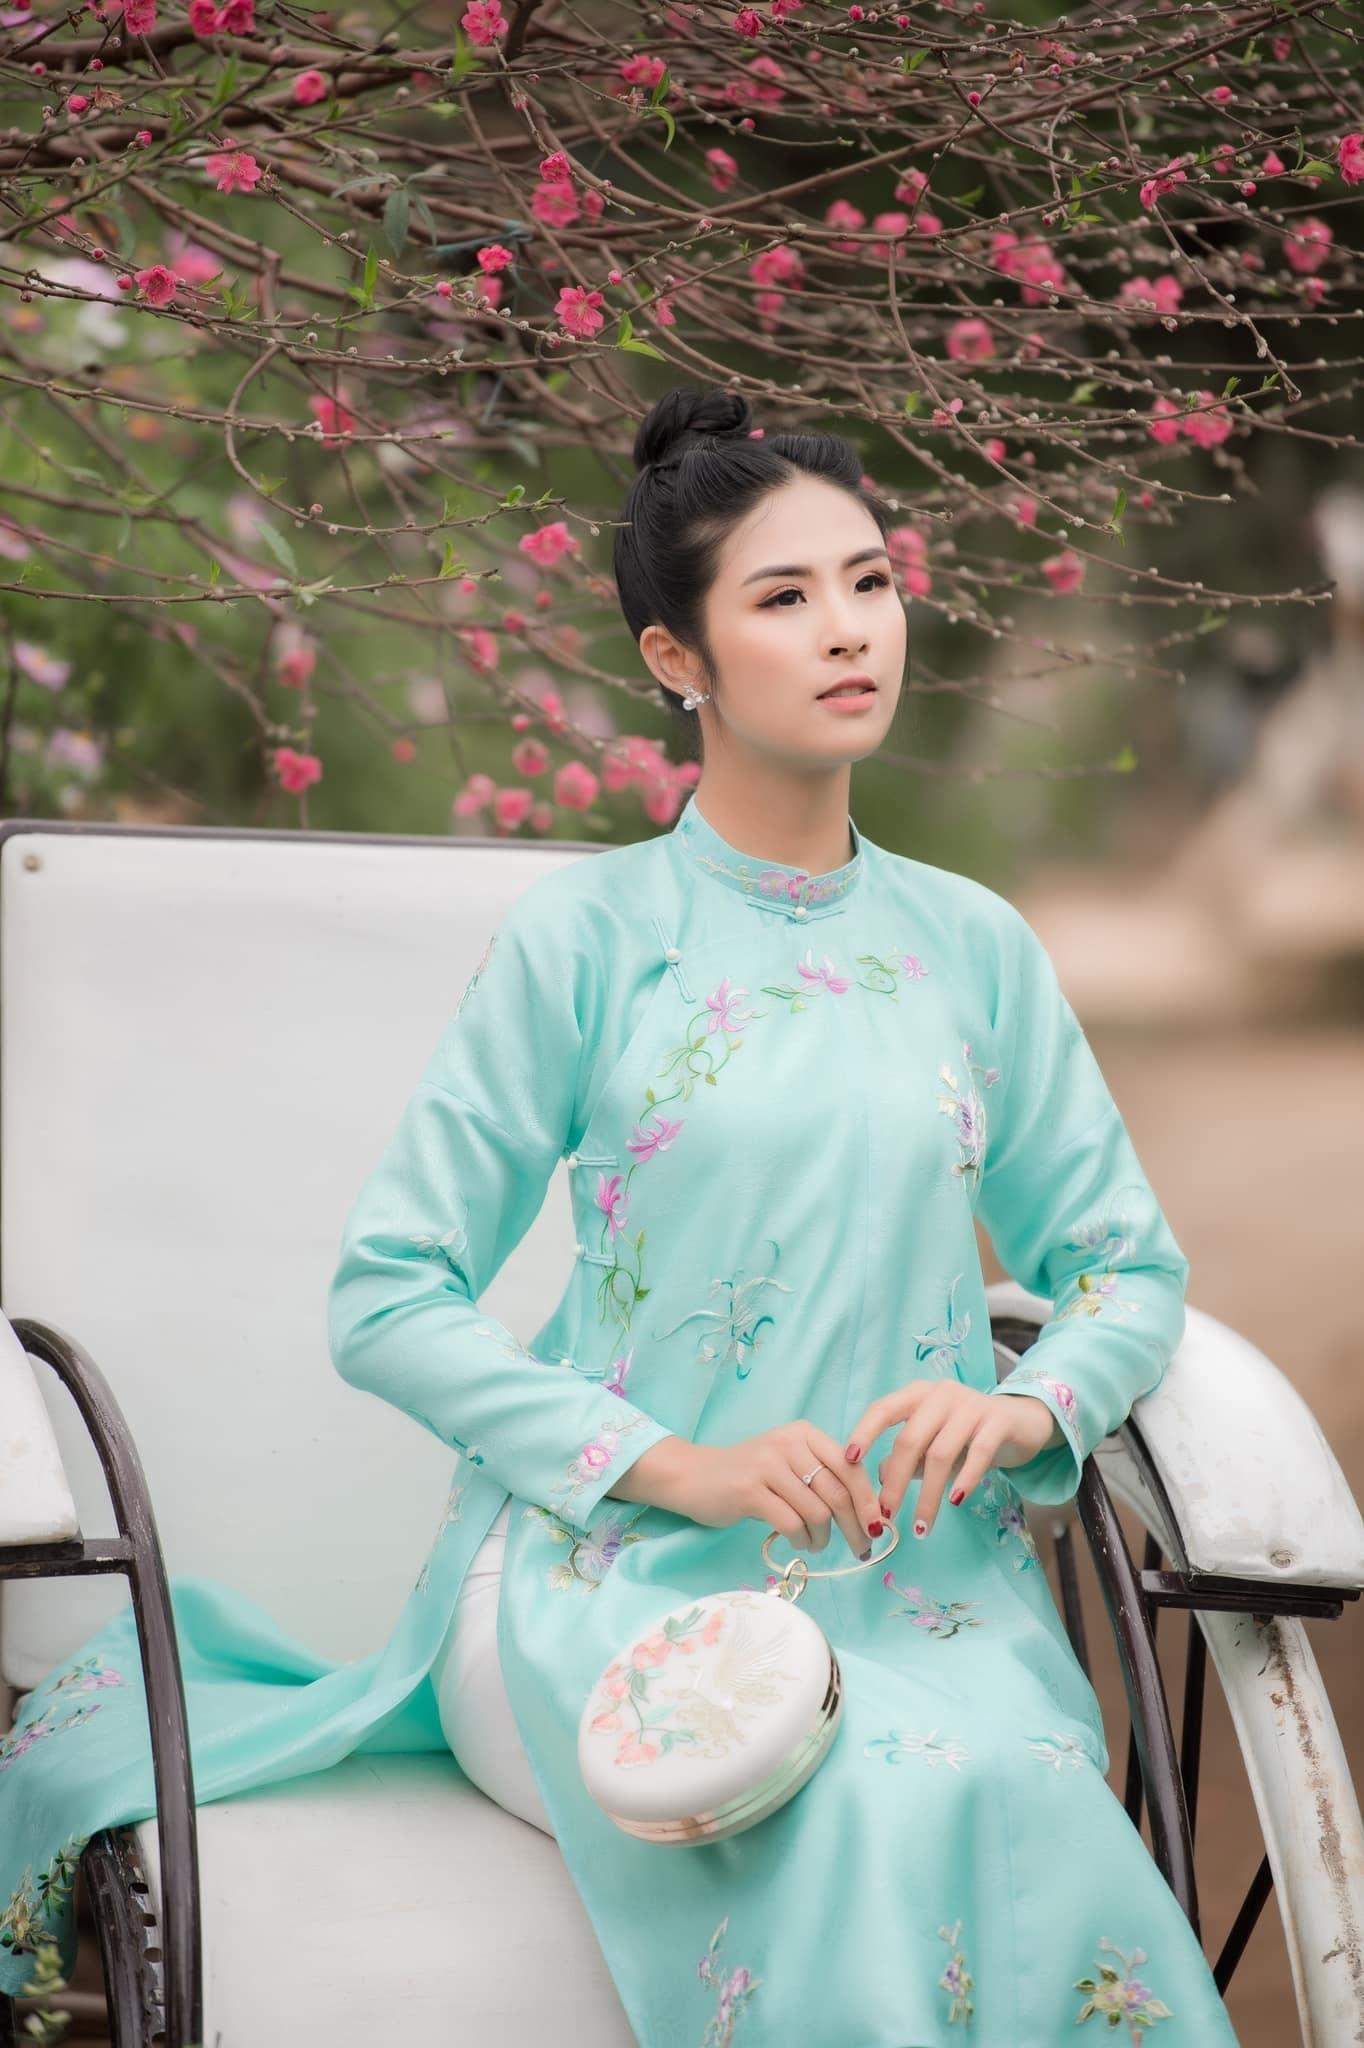 Đàm Vĩnh Hưng, Vũ Hà viếng mộ Nữ hoàng sân khấu Thanh Nga - Hình 10